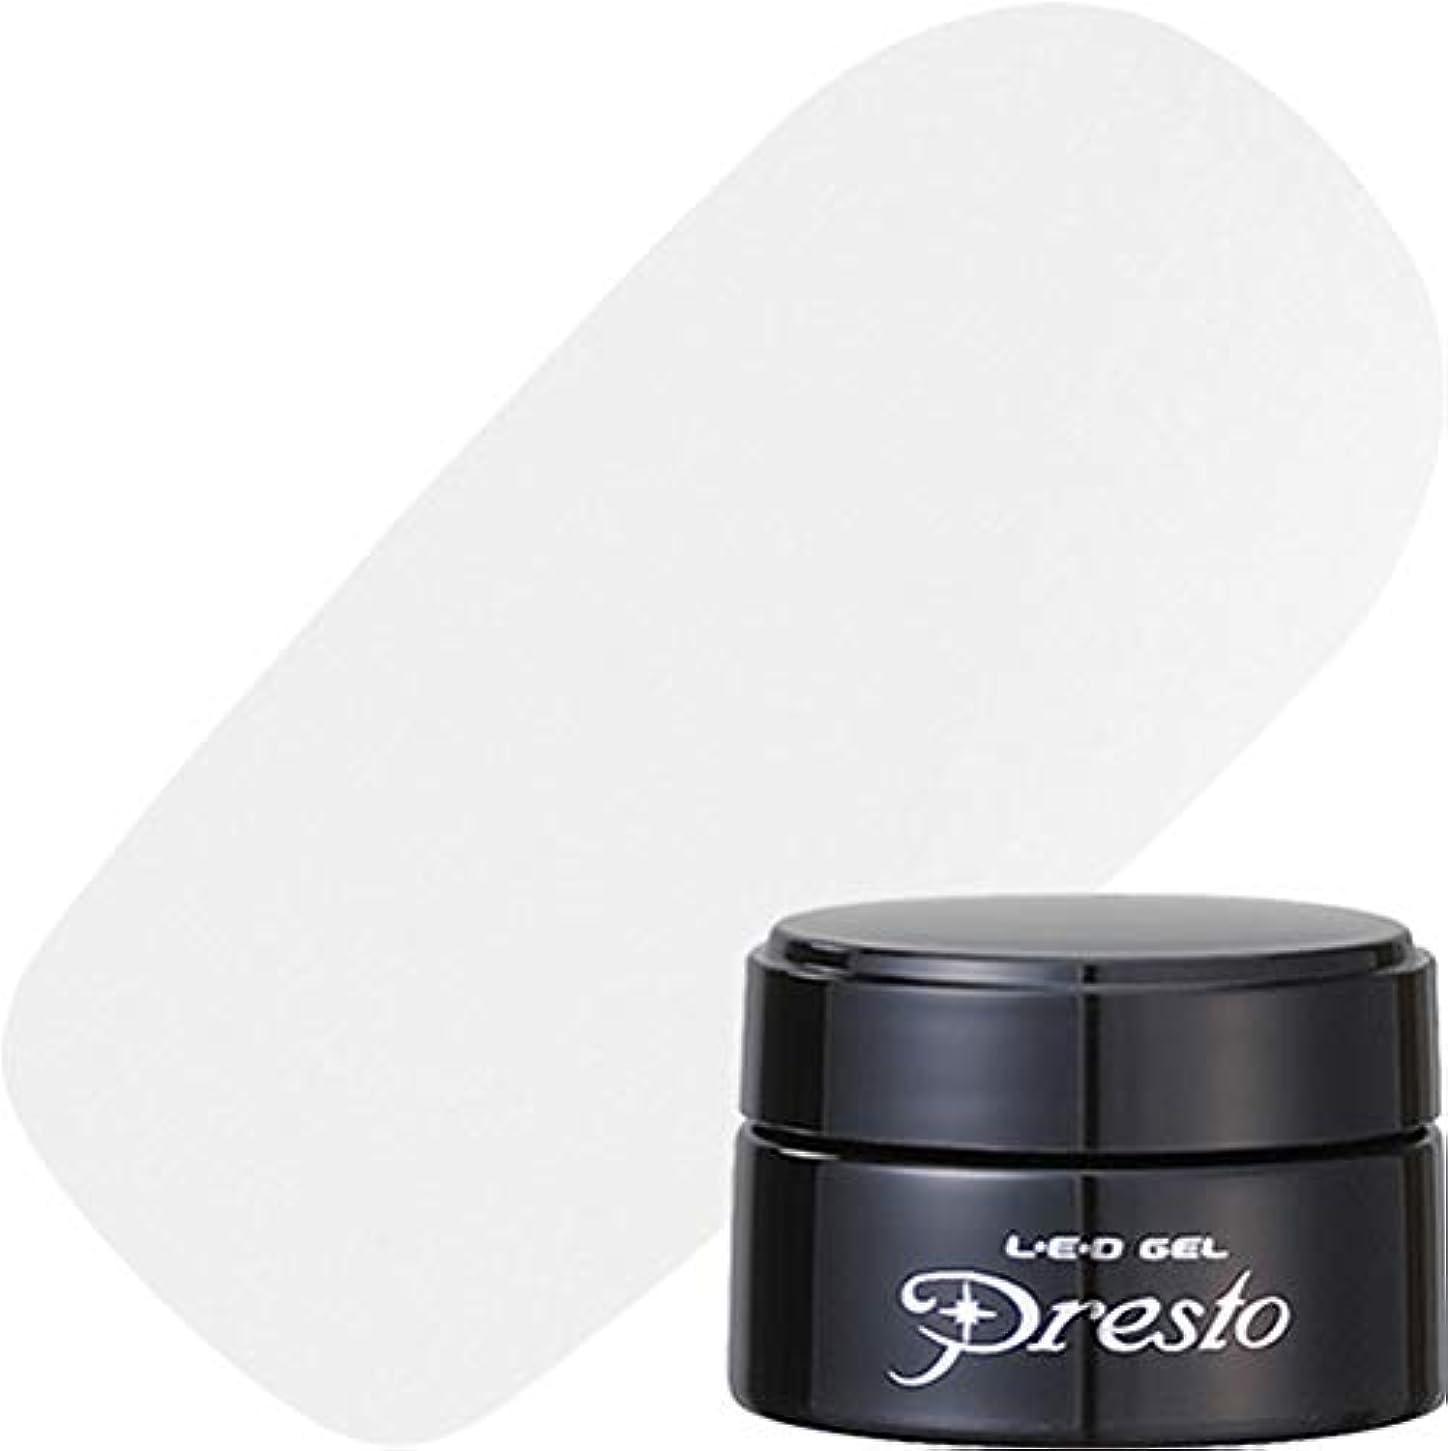 付録論争の的現像presto(プレスト) presto リキッドライナー ホワイト 2.7g UV/LED対応 ジェルネイル